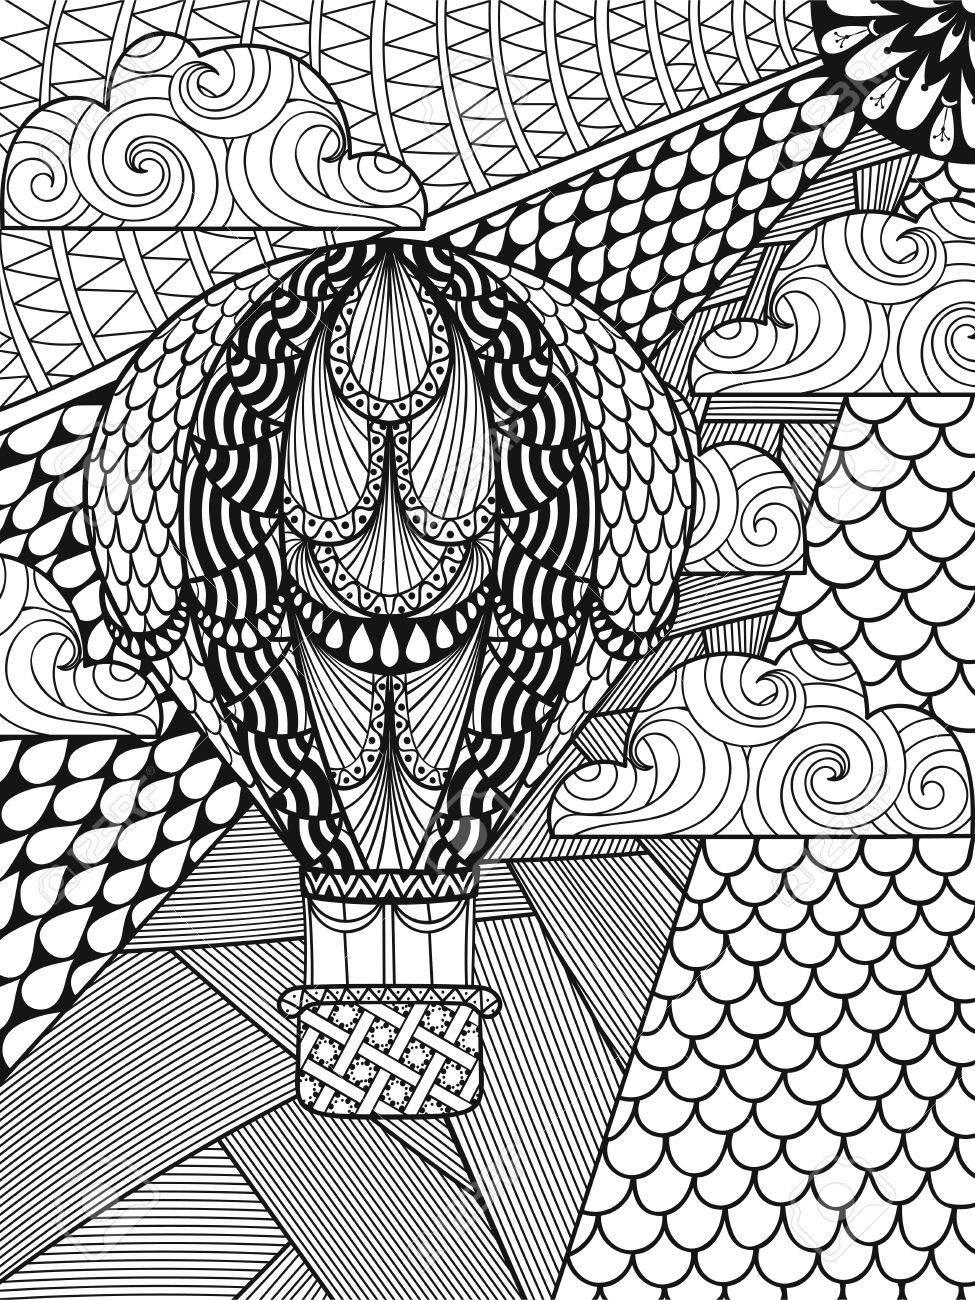 Dibujado A Mano Globo De Aire Con Dibujos Ornamentales ...